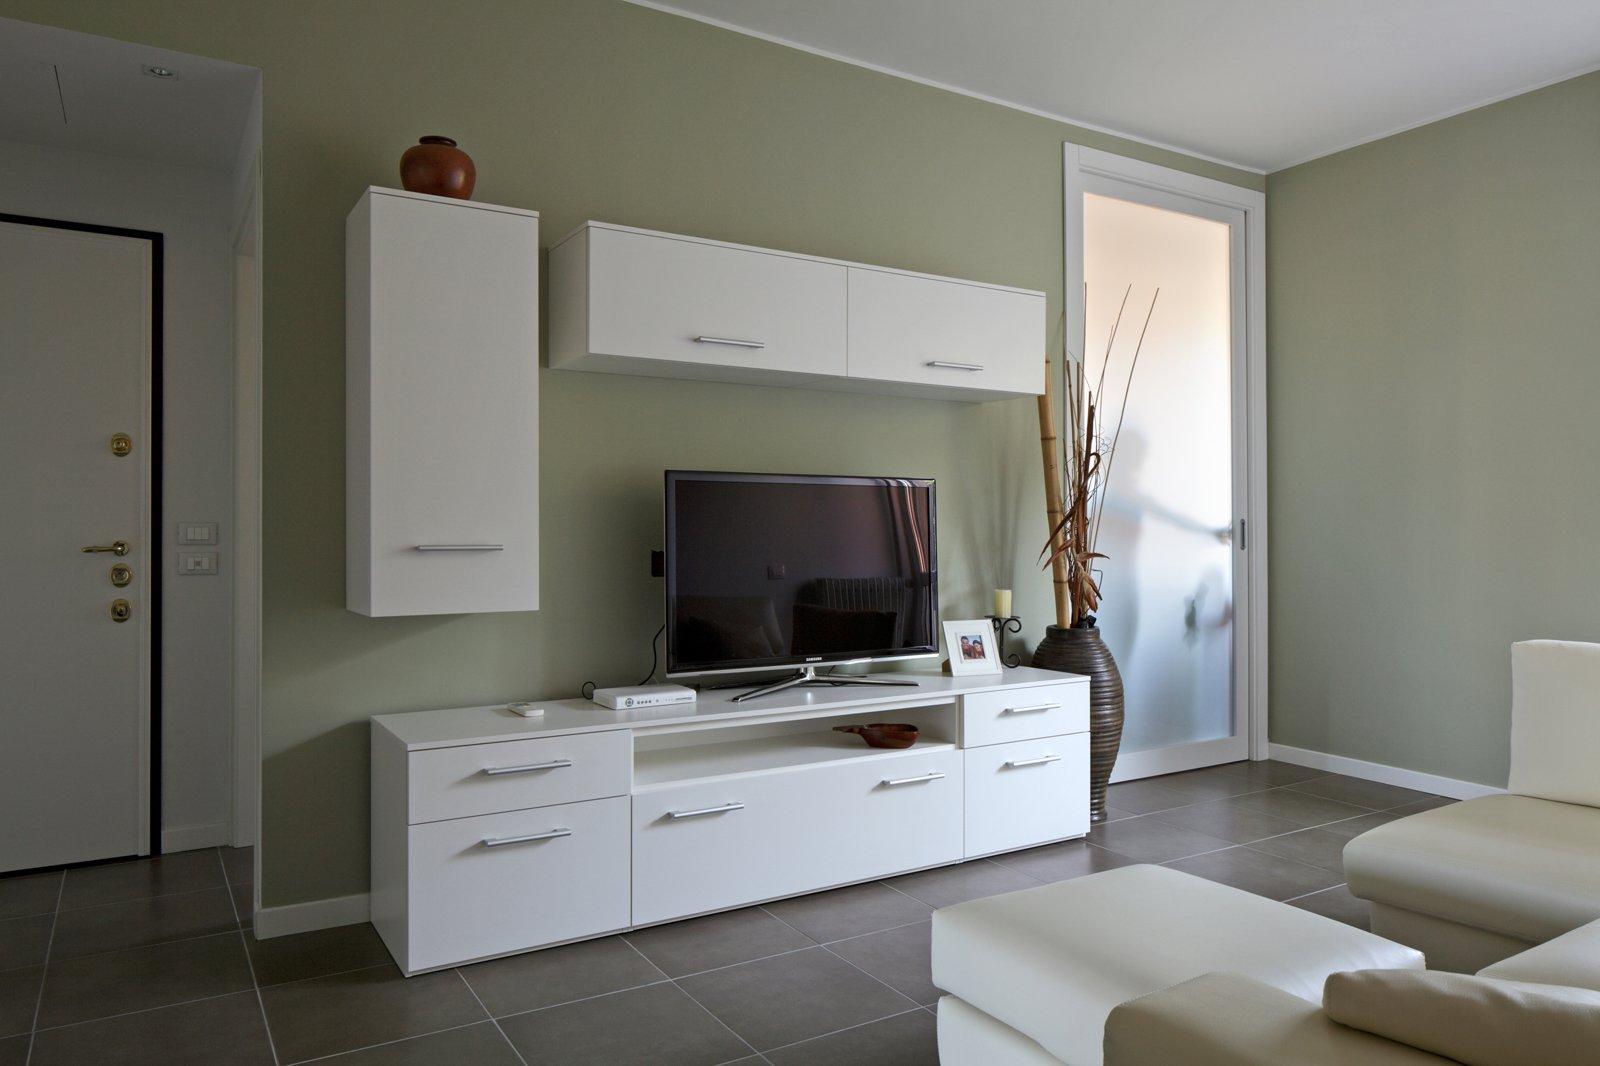 Idee da copiare per migliorare la casa cose di casa for Idee per dipingere il soggiorno